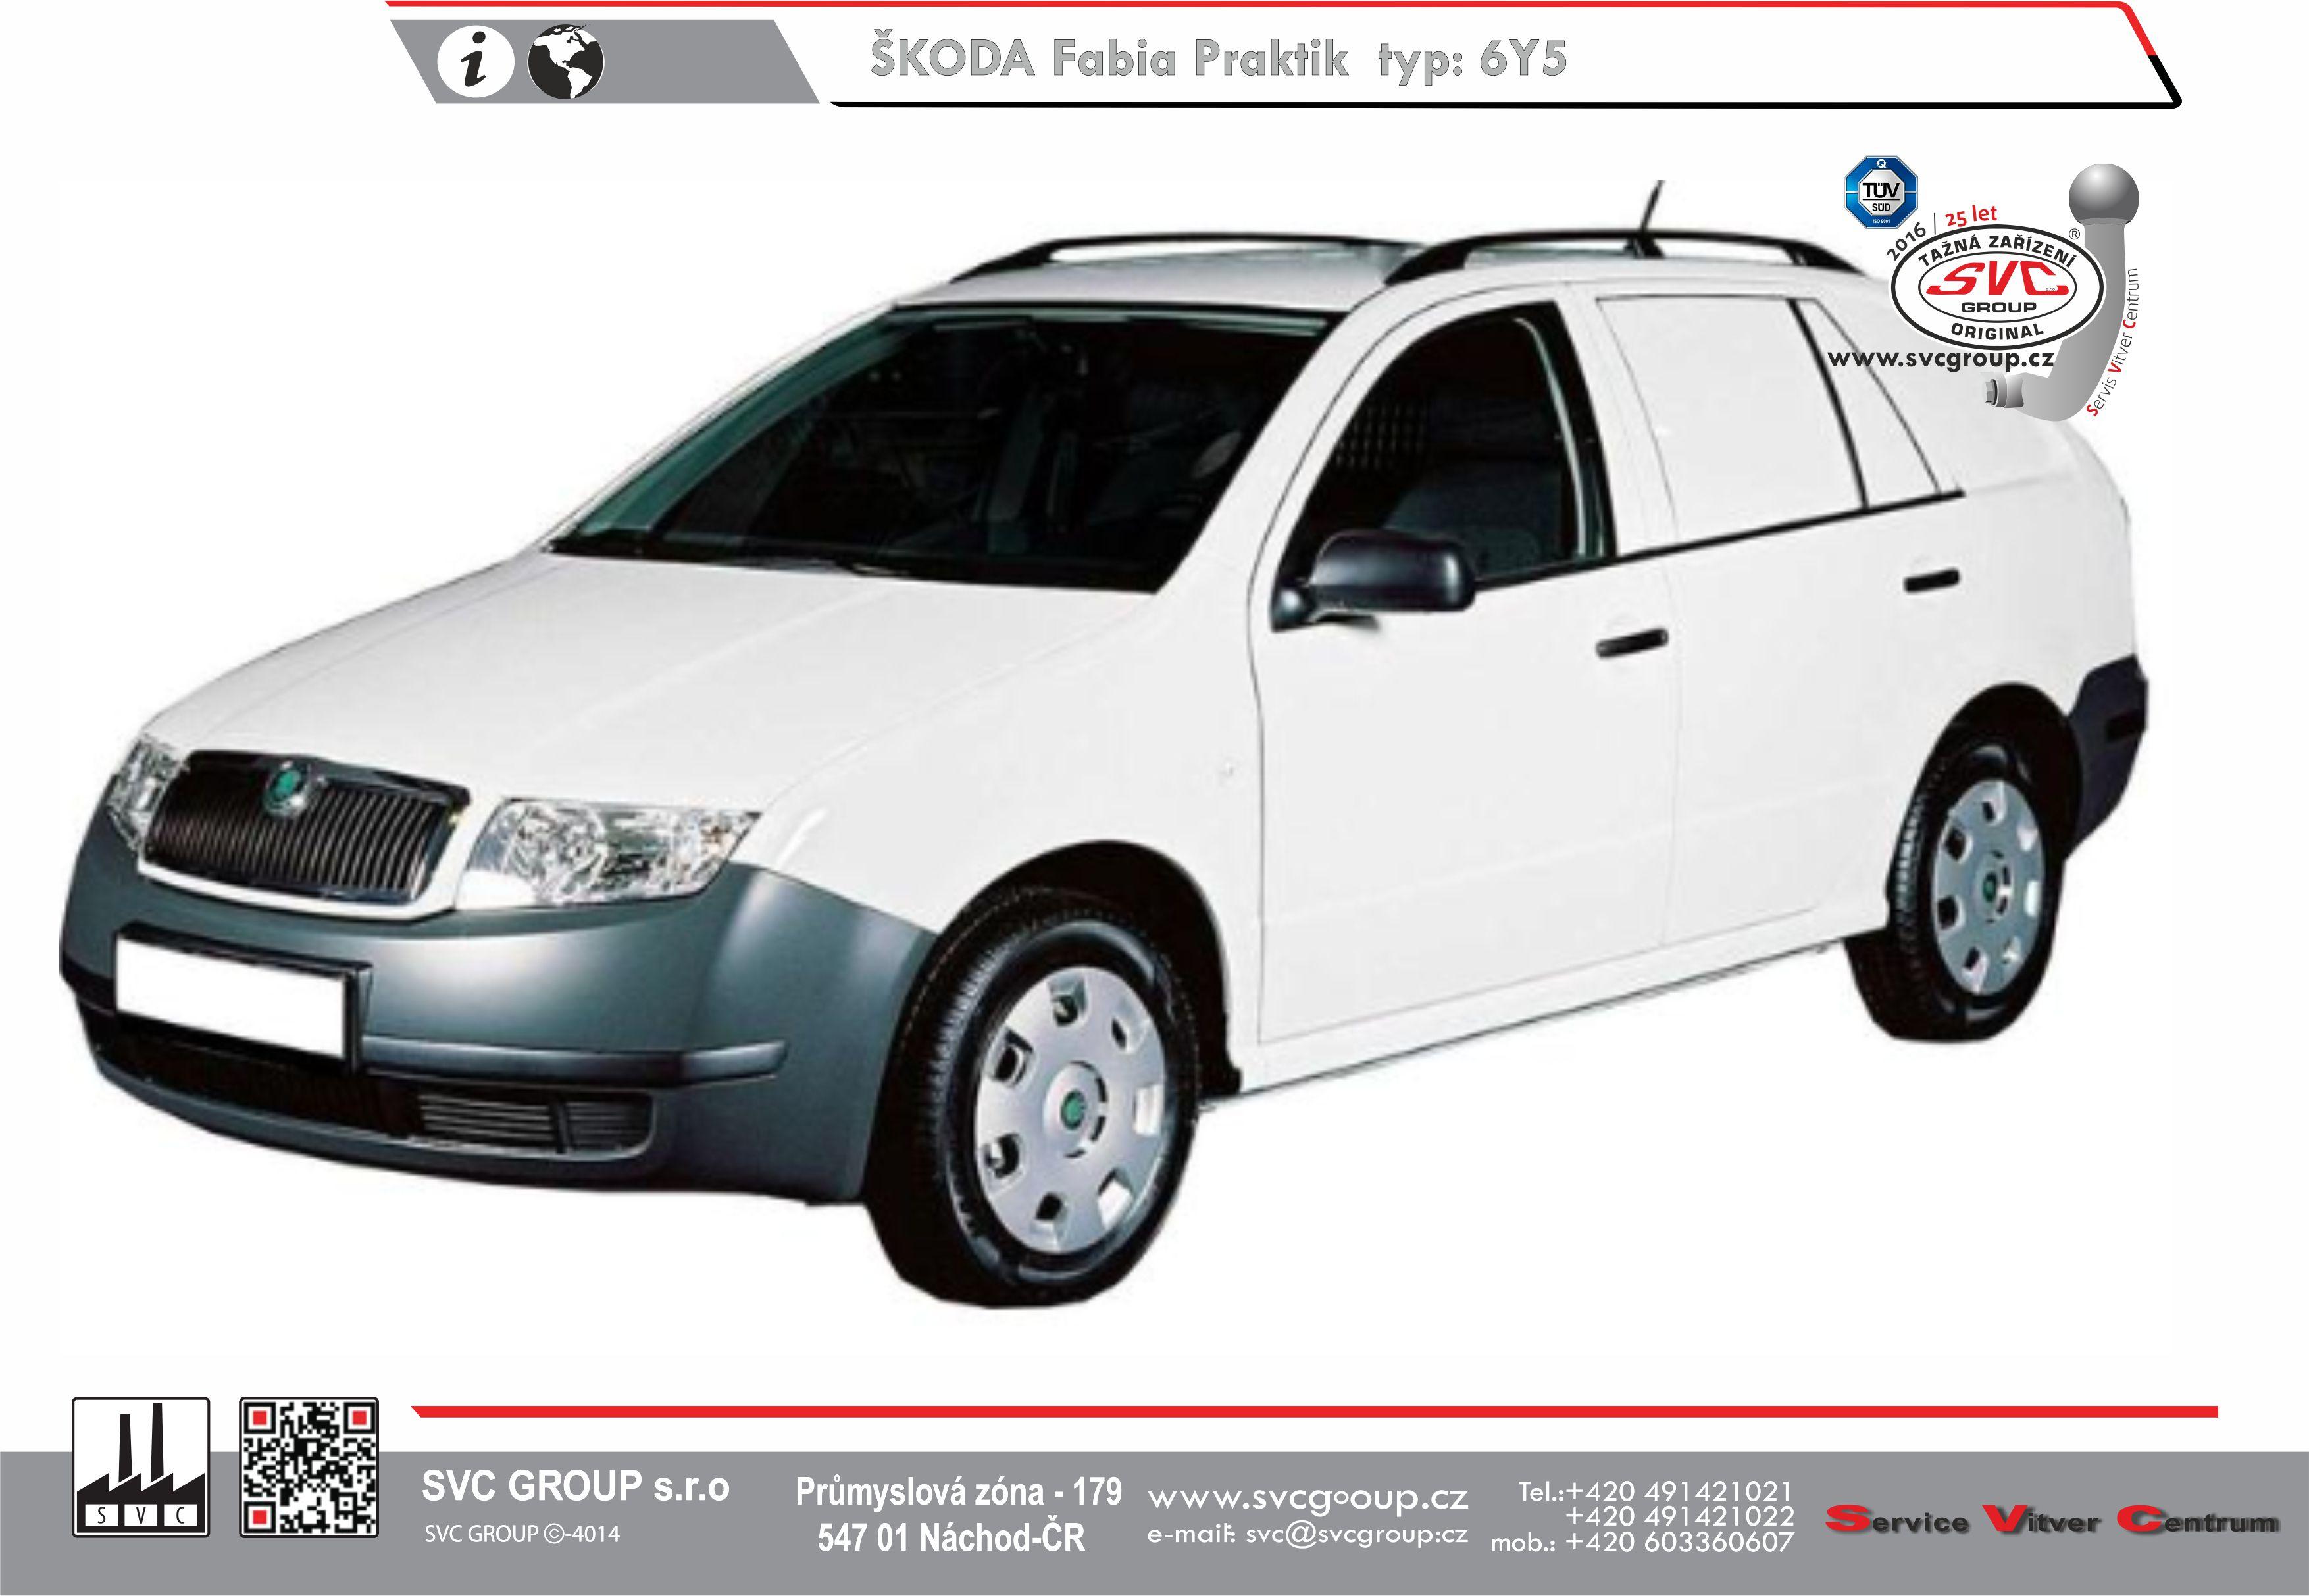 Škoda Fabia Praktik